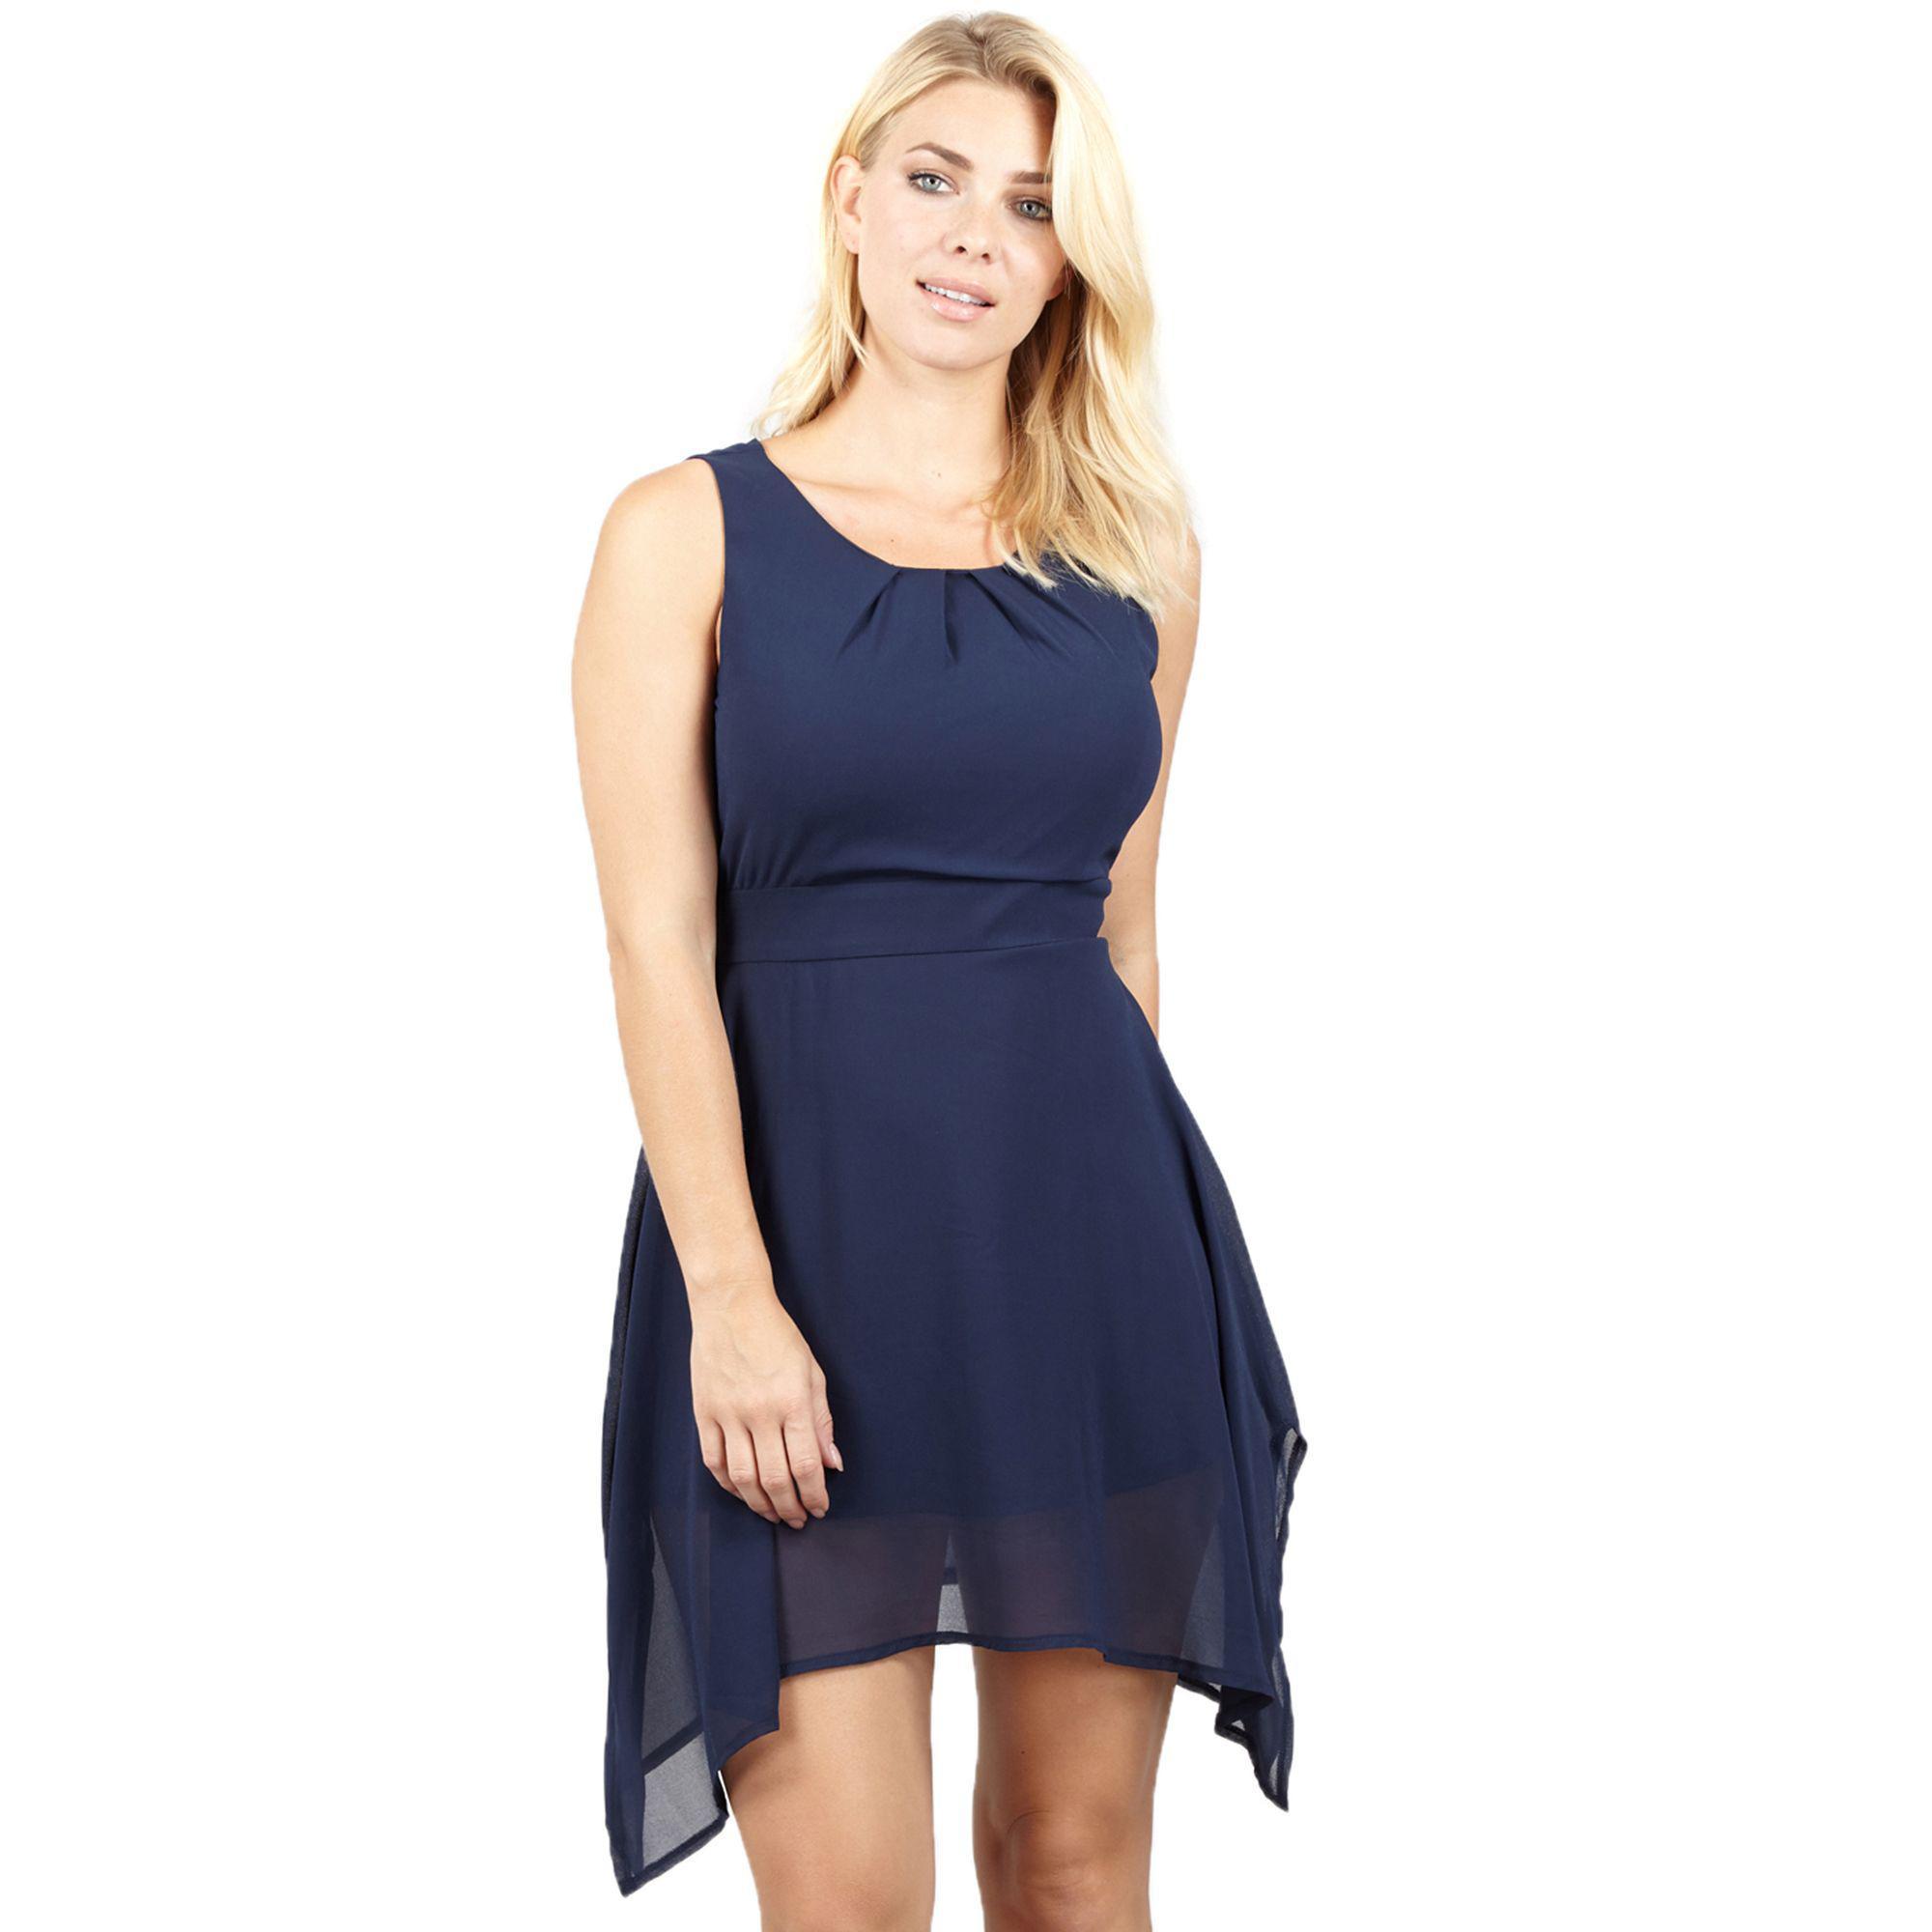 d7536aa88a99 Izabel London Navy Tie Belted Dress in Blue - Lyst